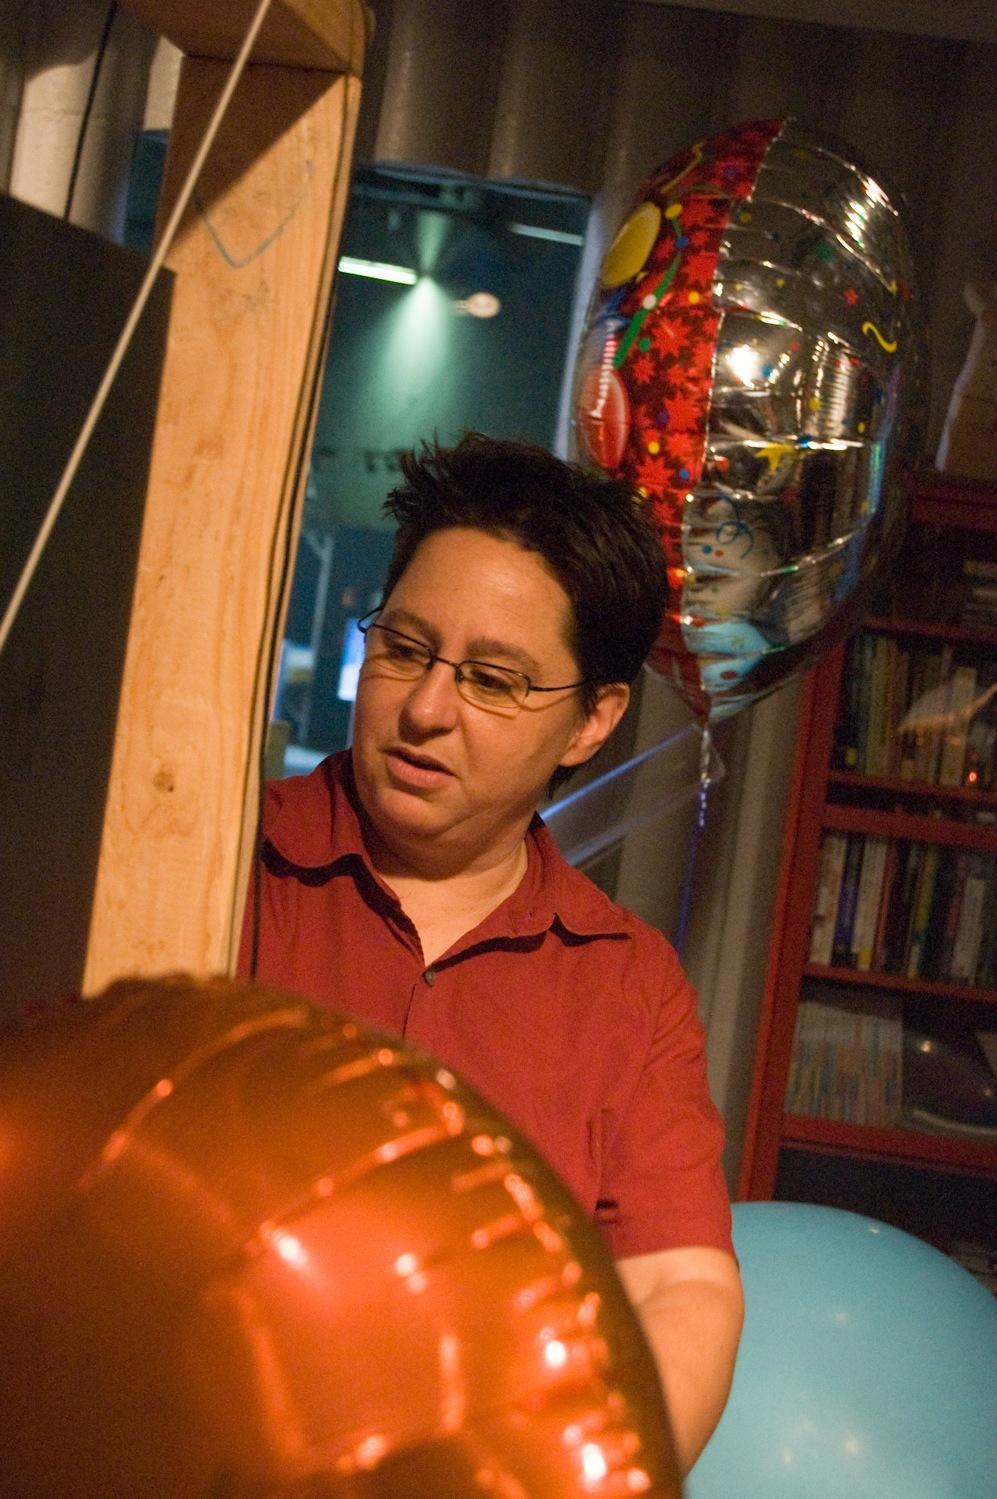 Saturday's Open MAKE @ Exploratorium: Making Music